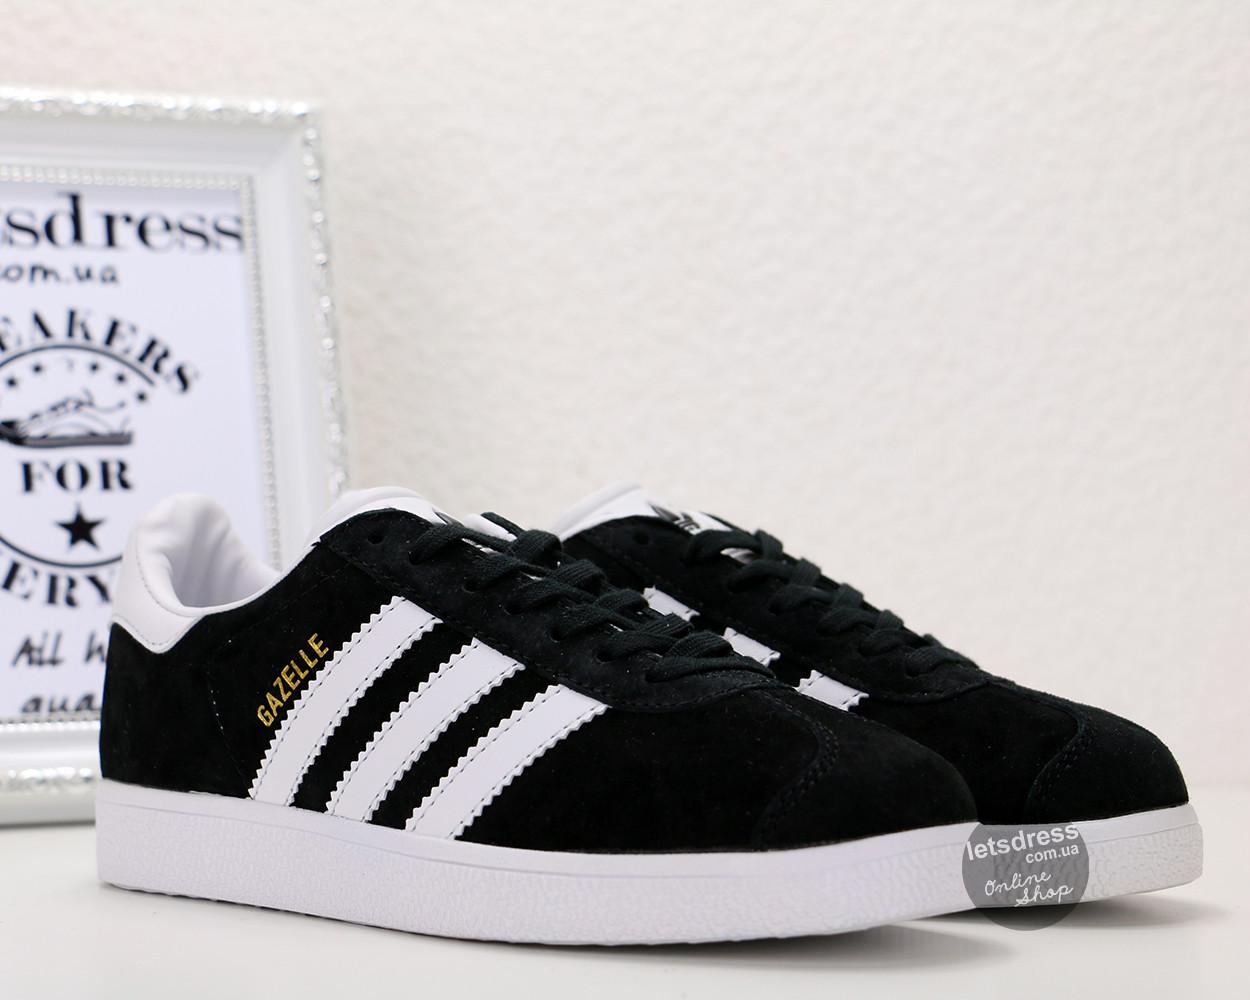 Кроссовки-кеды женские Adidas Gazelle Black оригинал | Адидас Газель женские черные